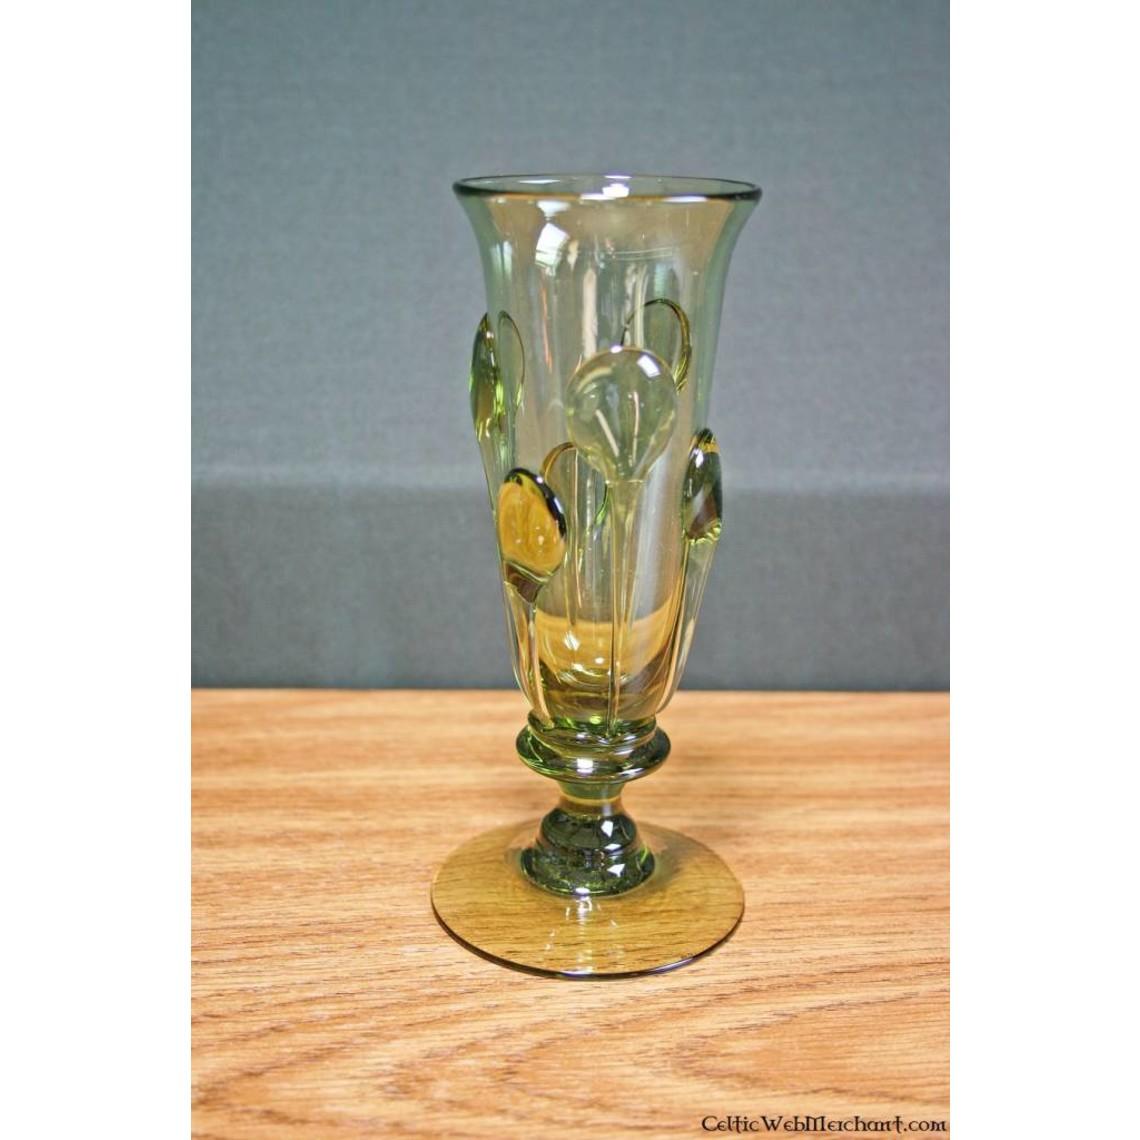 Cristal medieval, s. XIV-XV.